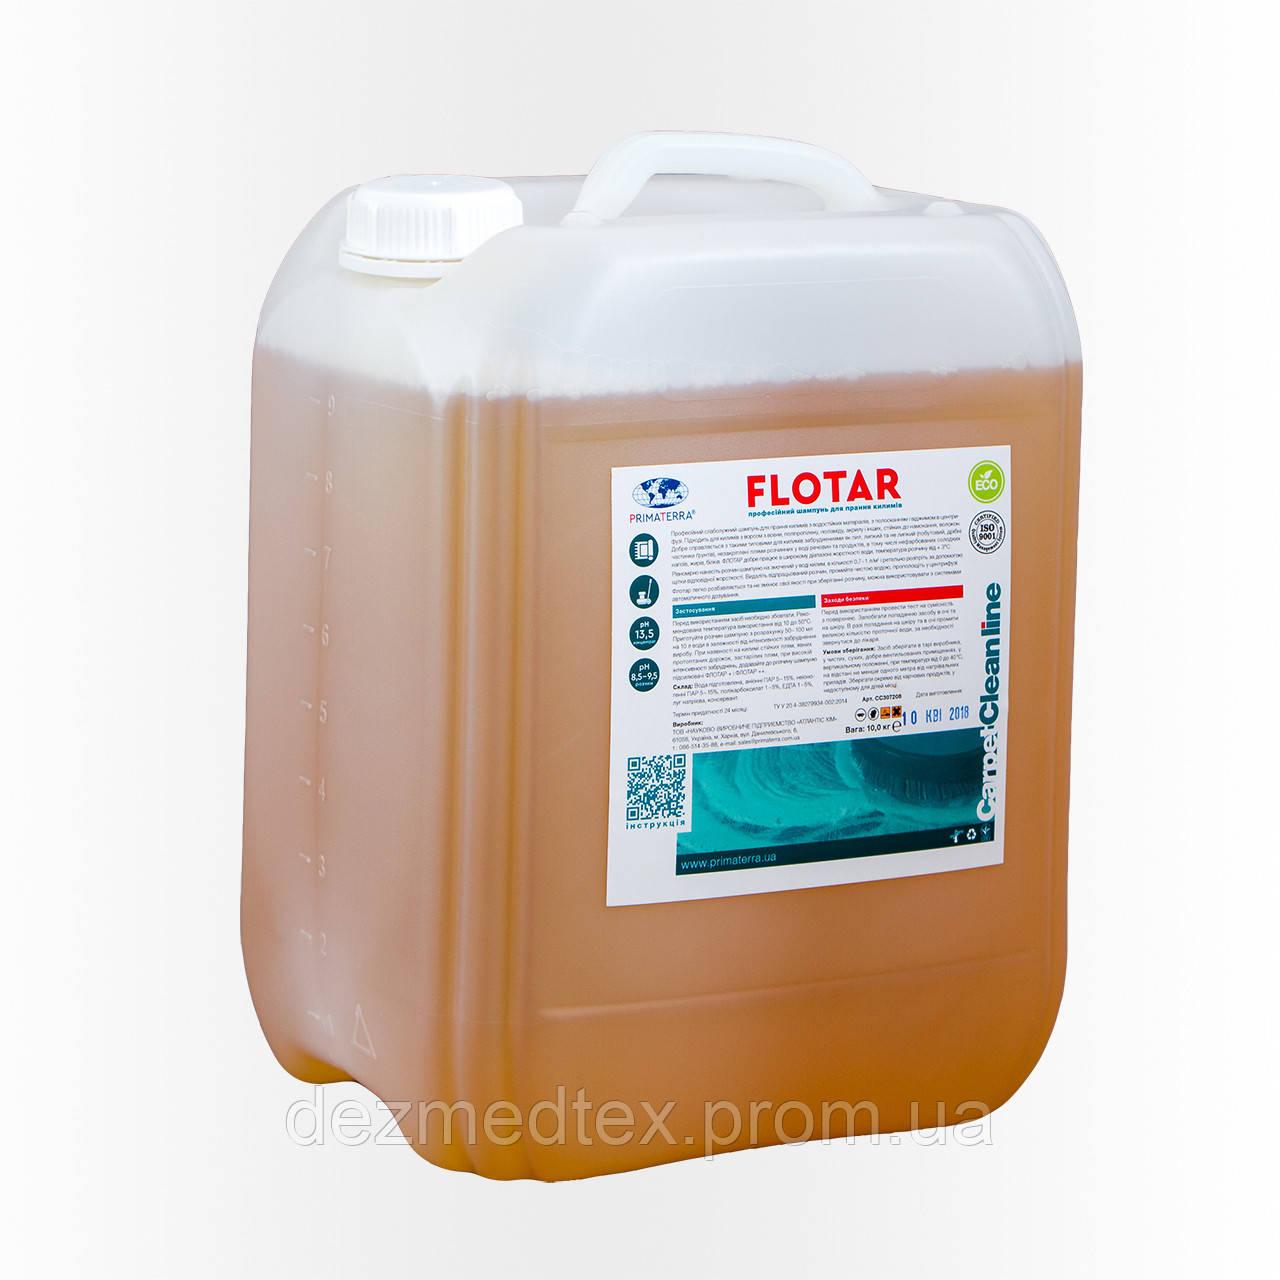 Для стирки ковров шампунь Flotar (10 кг)